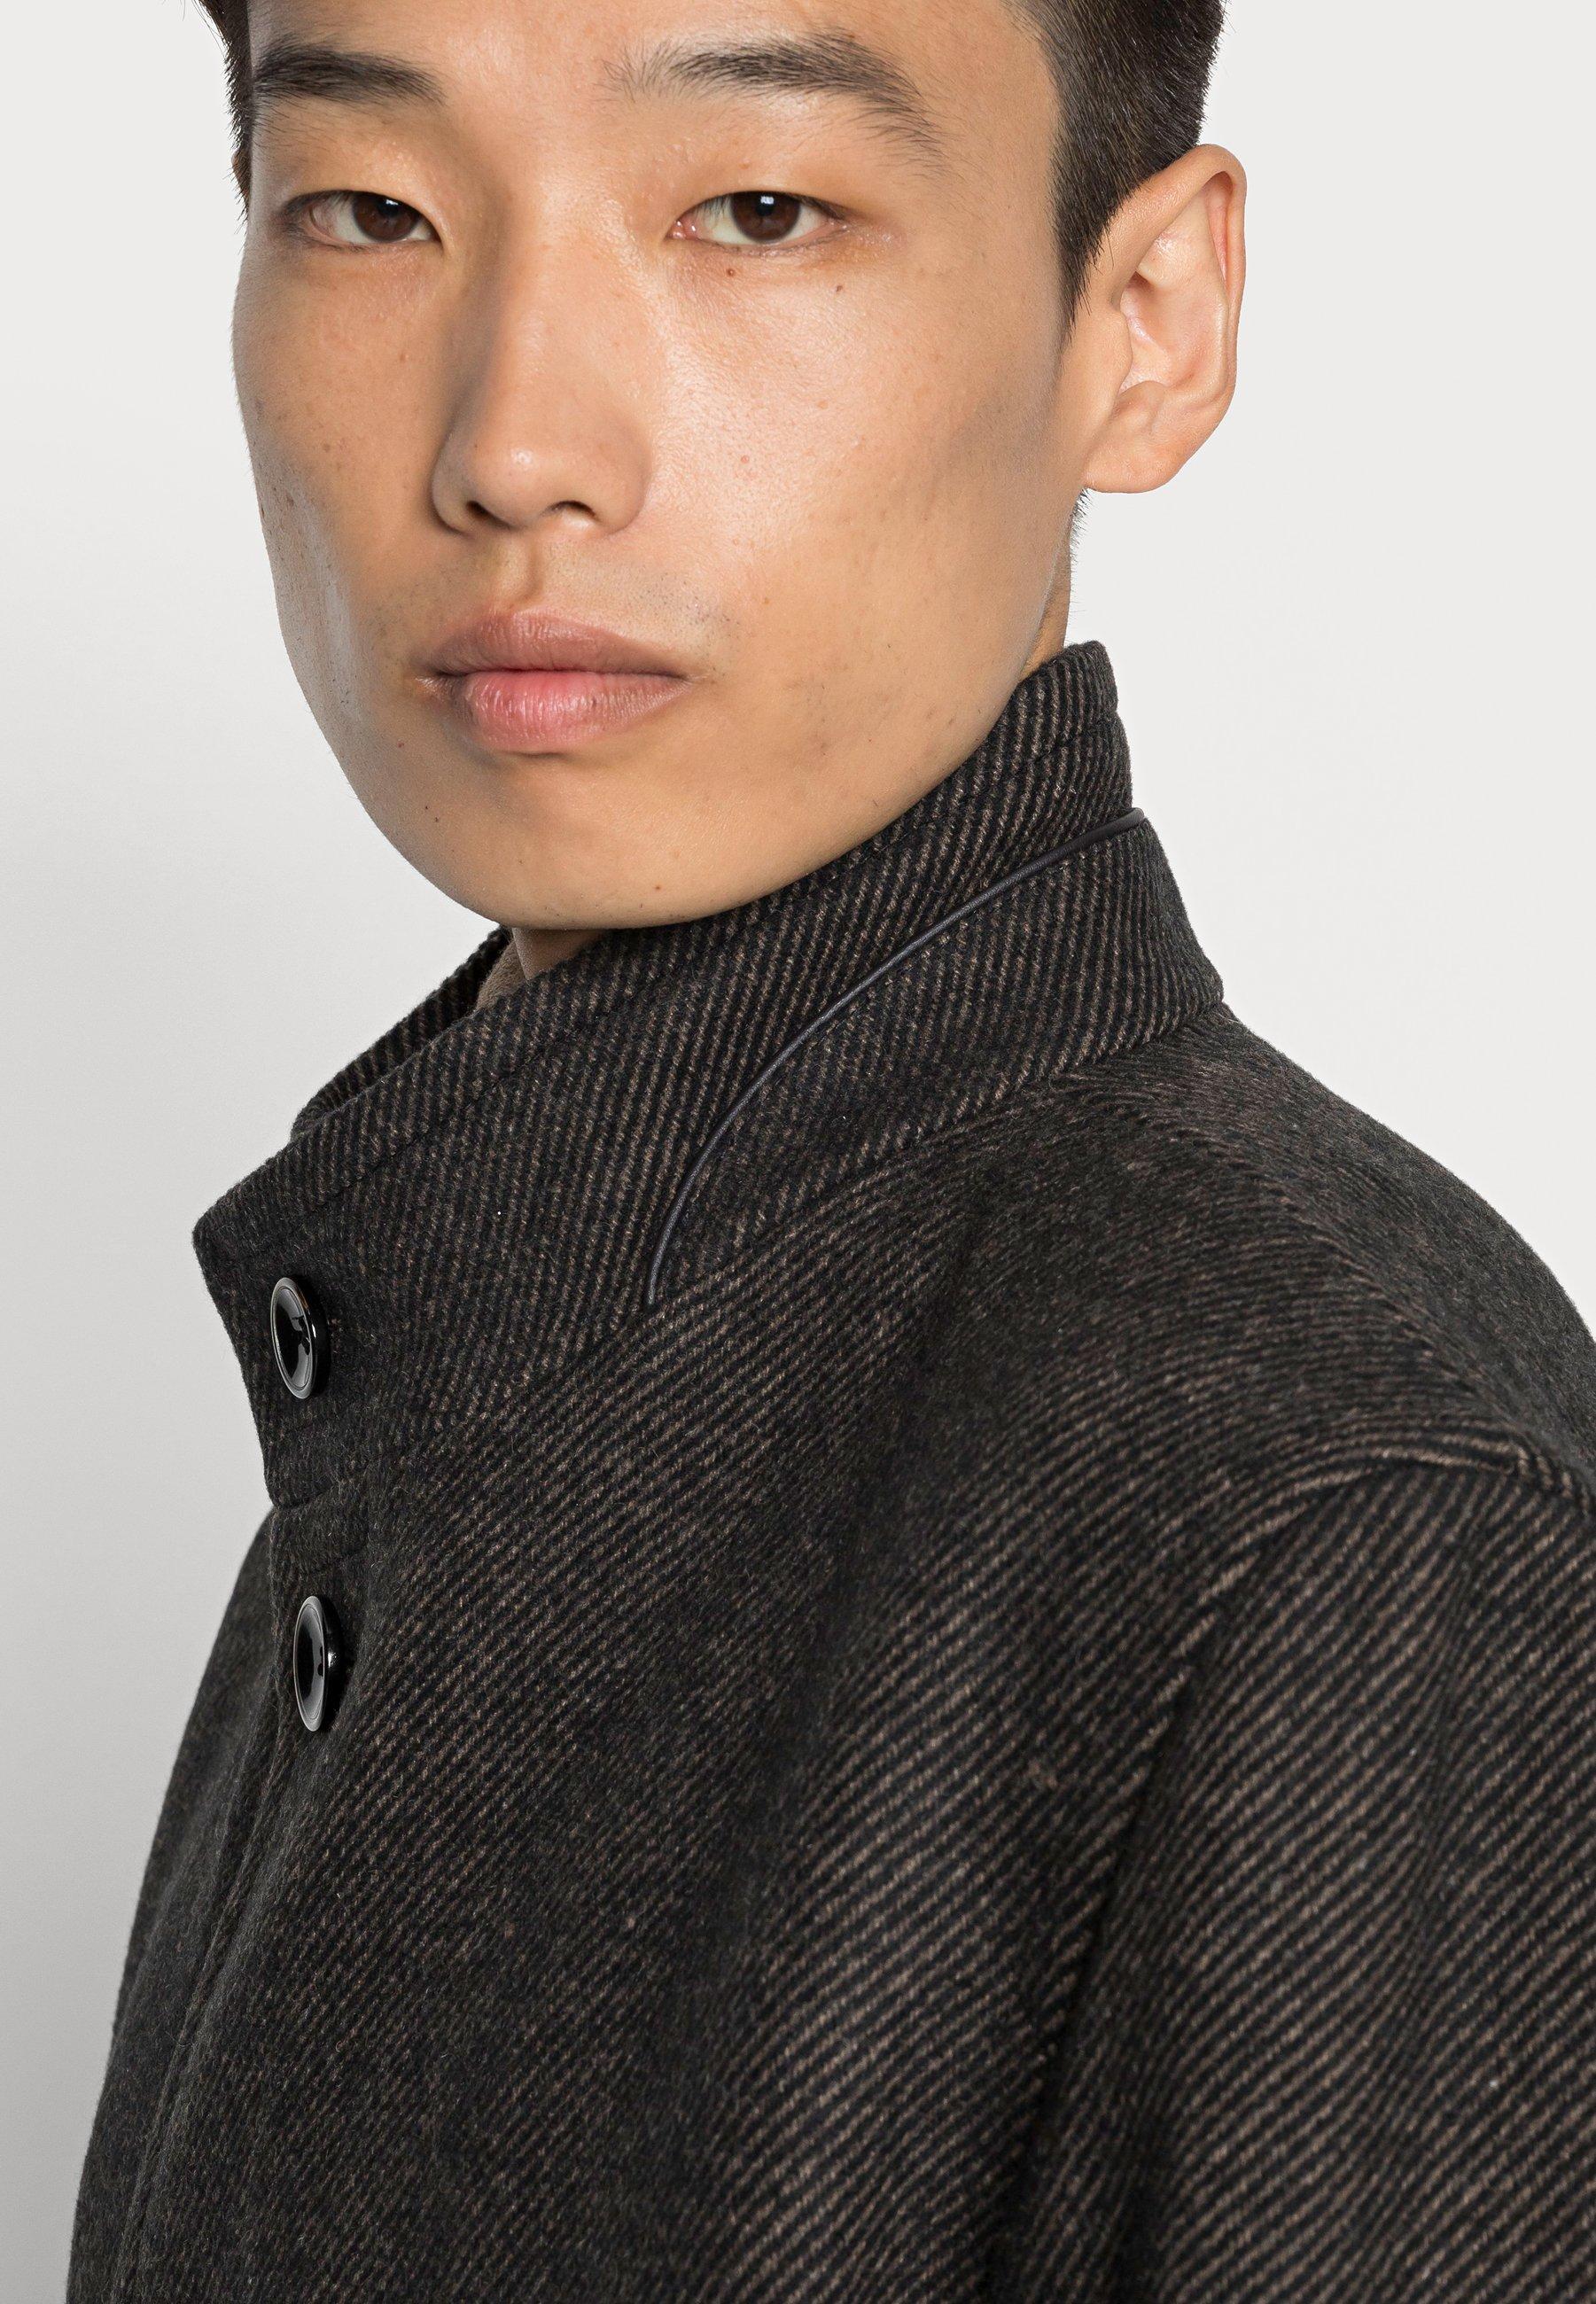 Homme RESPECT NATURE - Manteau classique